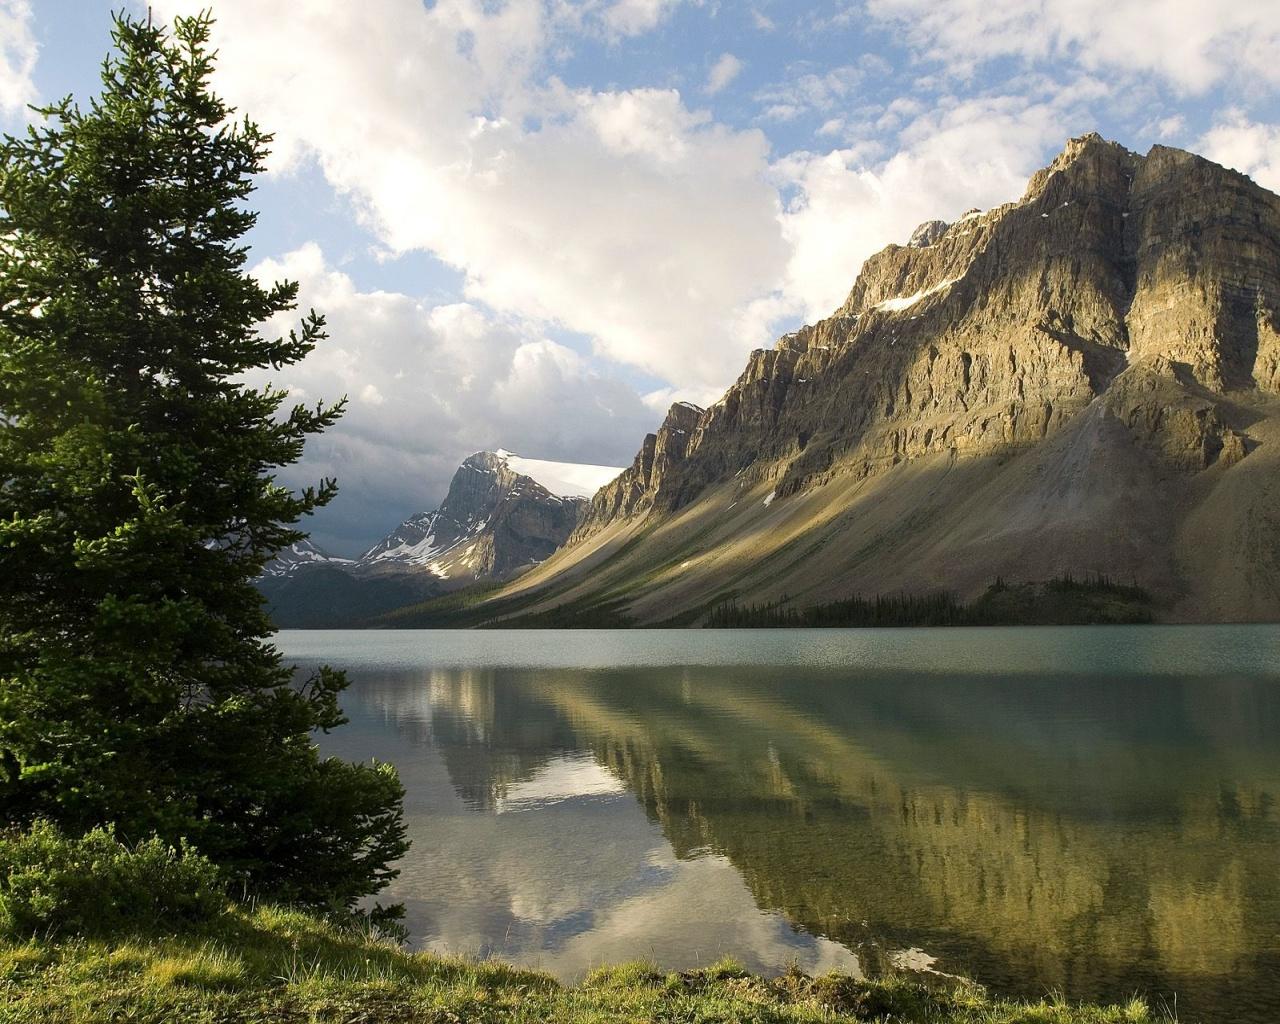 http://2.bp.blogspot.com/-F3zXIYKhpX8/UKkkeUl5L6I/AAAAAAAAE-Y/UWsFKjGjVow/s1600/Bello+paisaje+de+una+monta%C3%B1a+que+esta+junto+a+un+bonito+lago.jpg